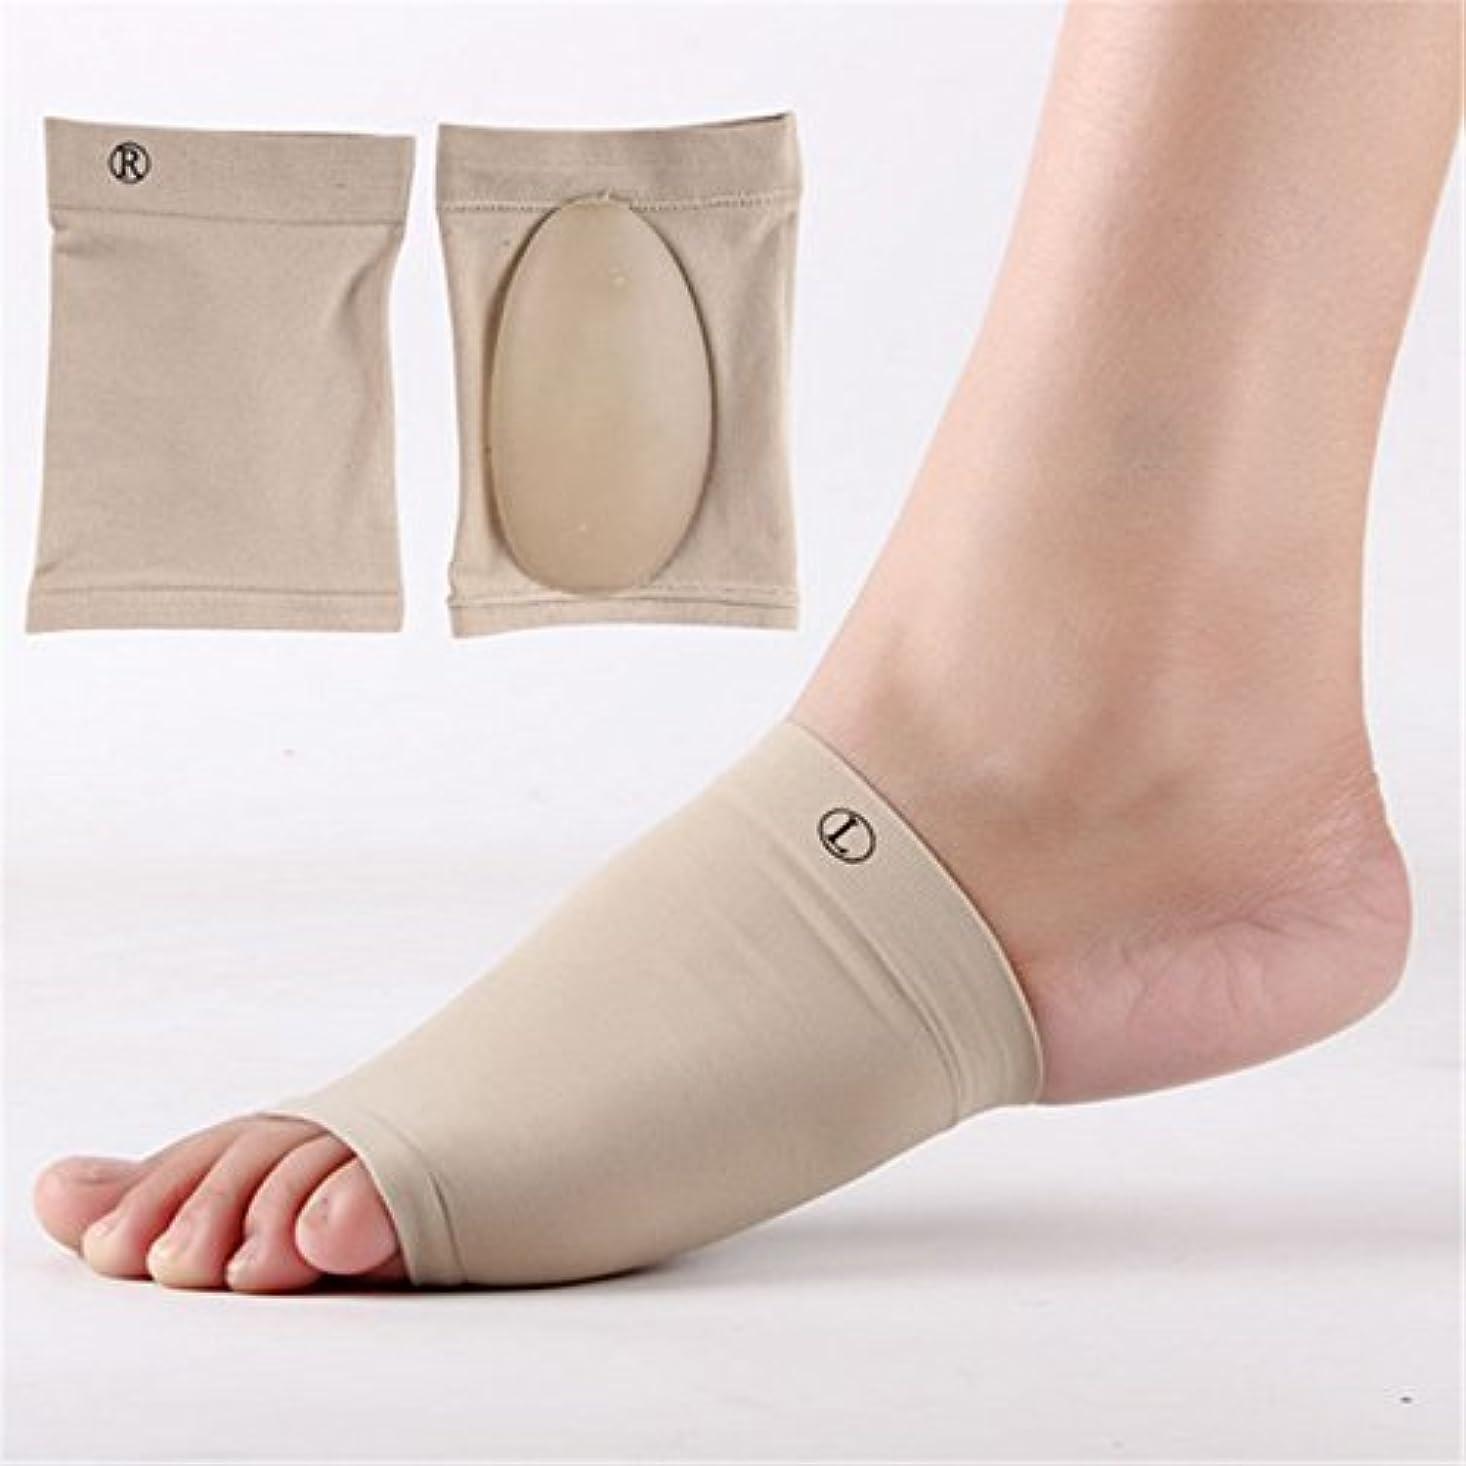 紫の白鳥姿勢Lorny(TM)1Pairジェル足底筋膜炎アーチサポートスリーブアーチソックスかかとクッションフラット足の整形外科靴パッドフットケア [並行輸入品]